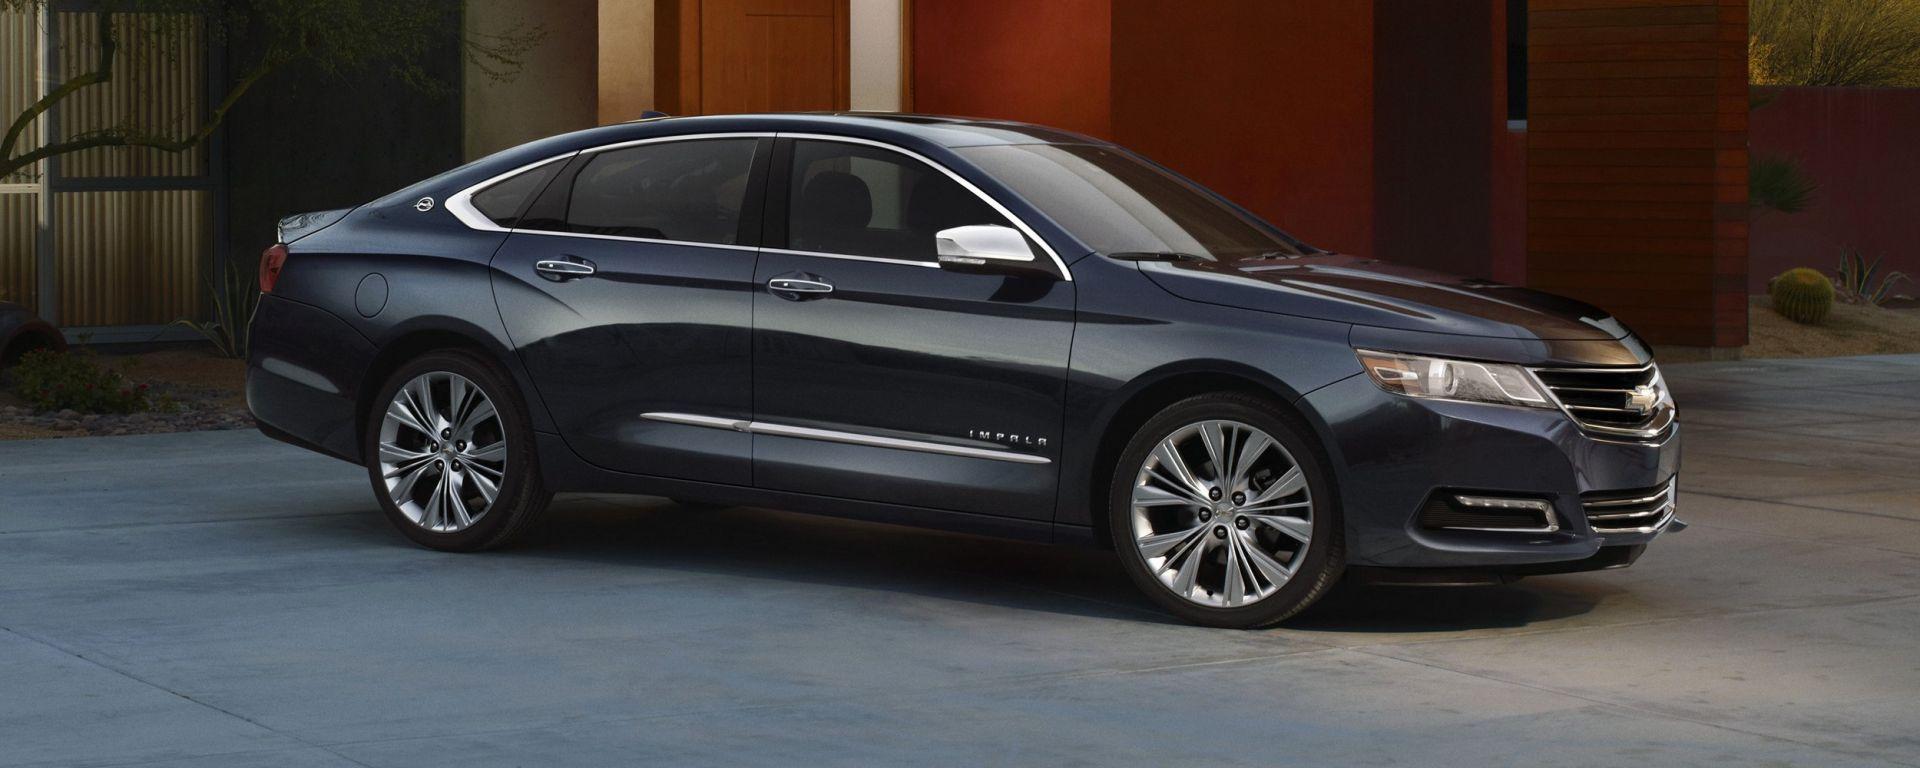 Chevorlet Impala 2014